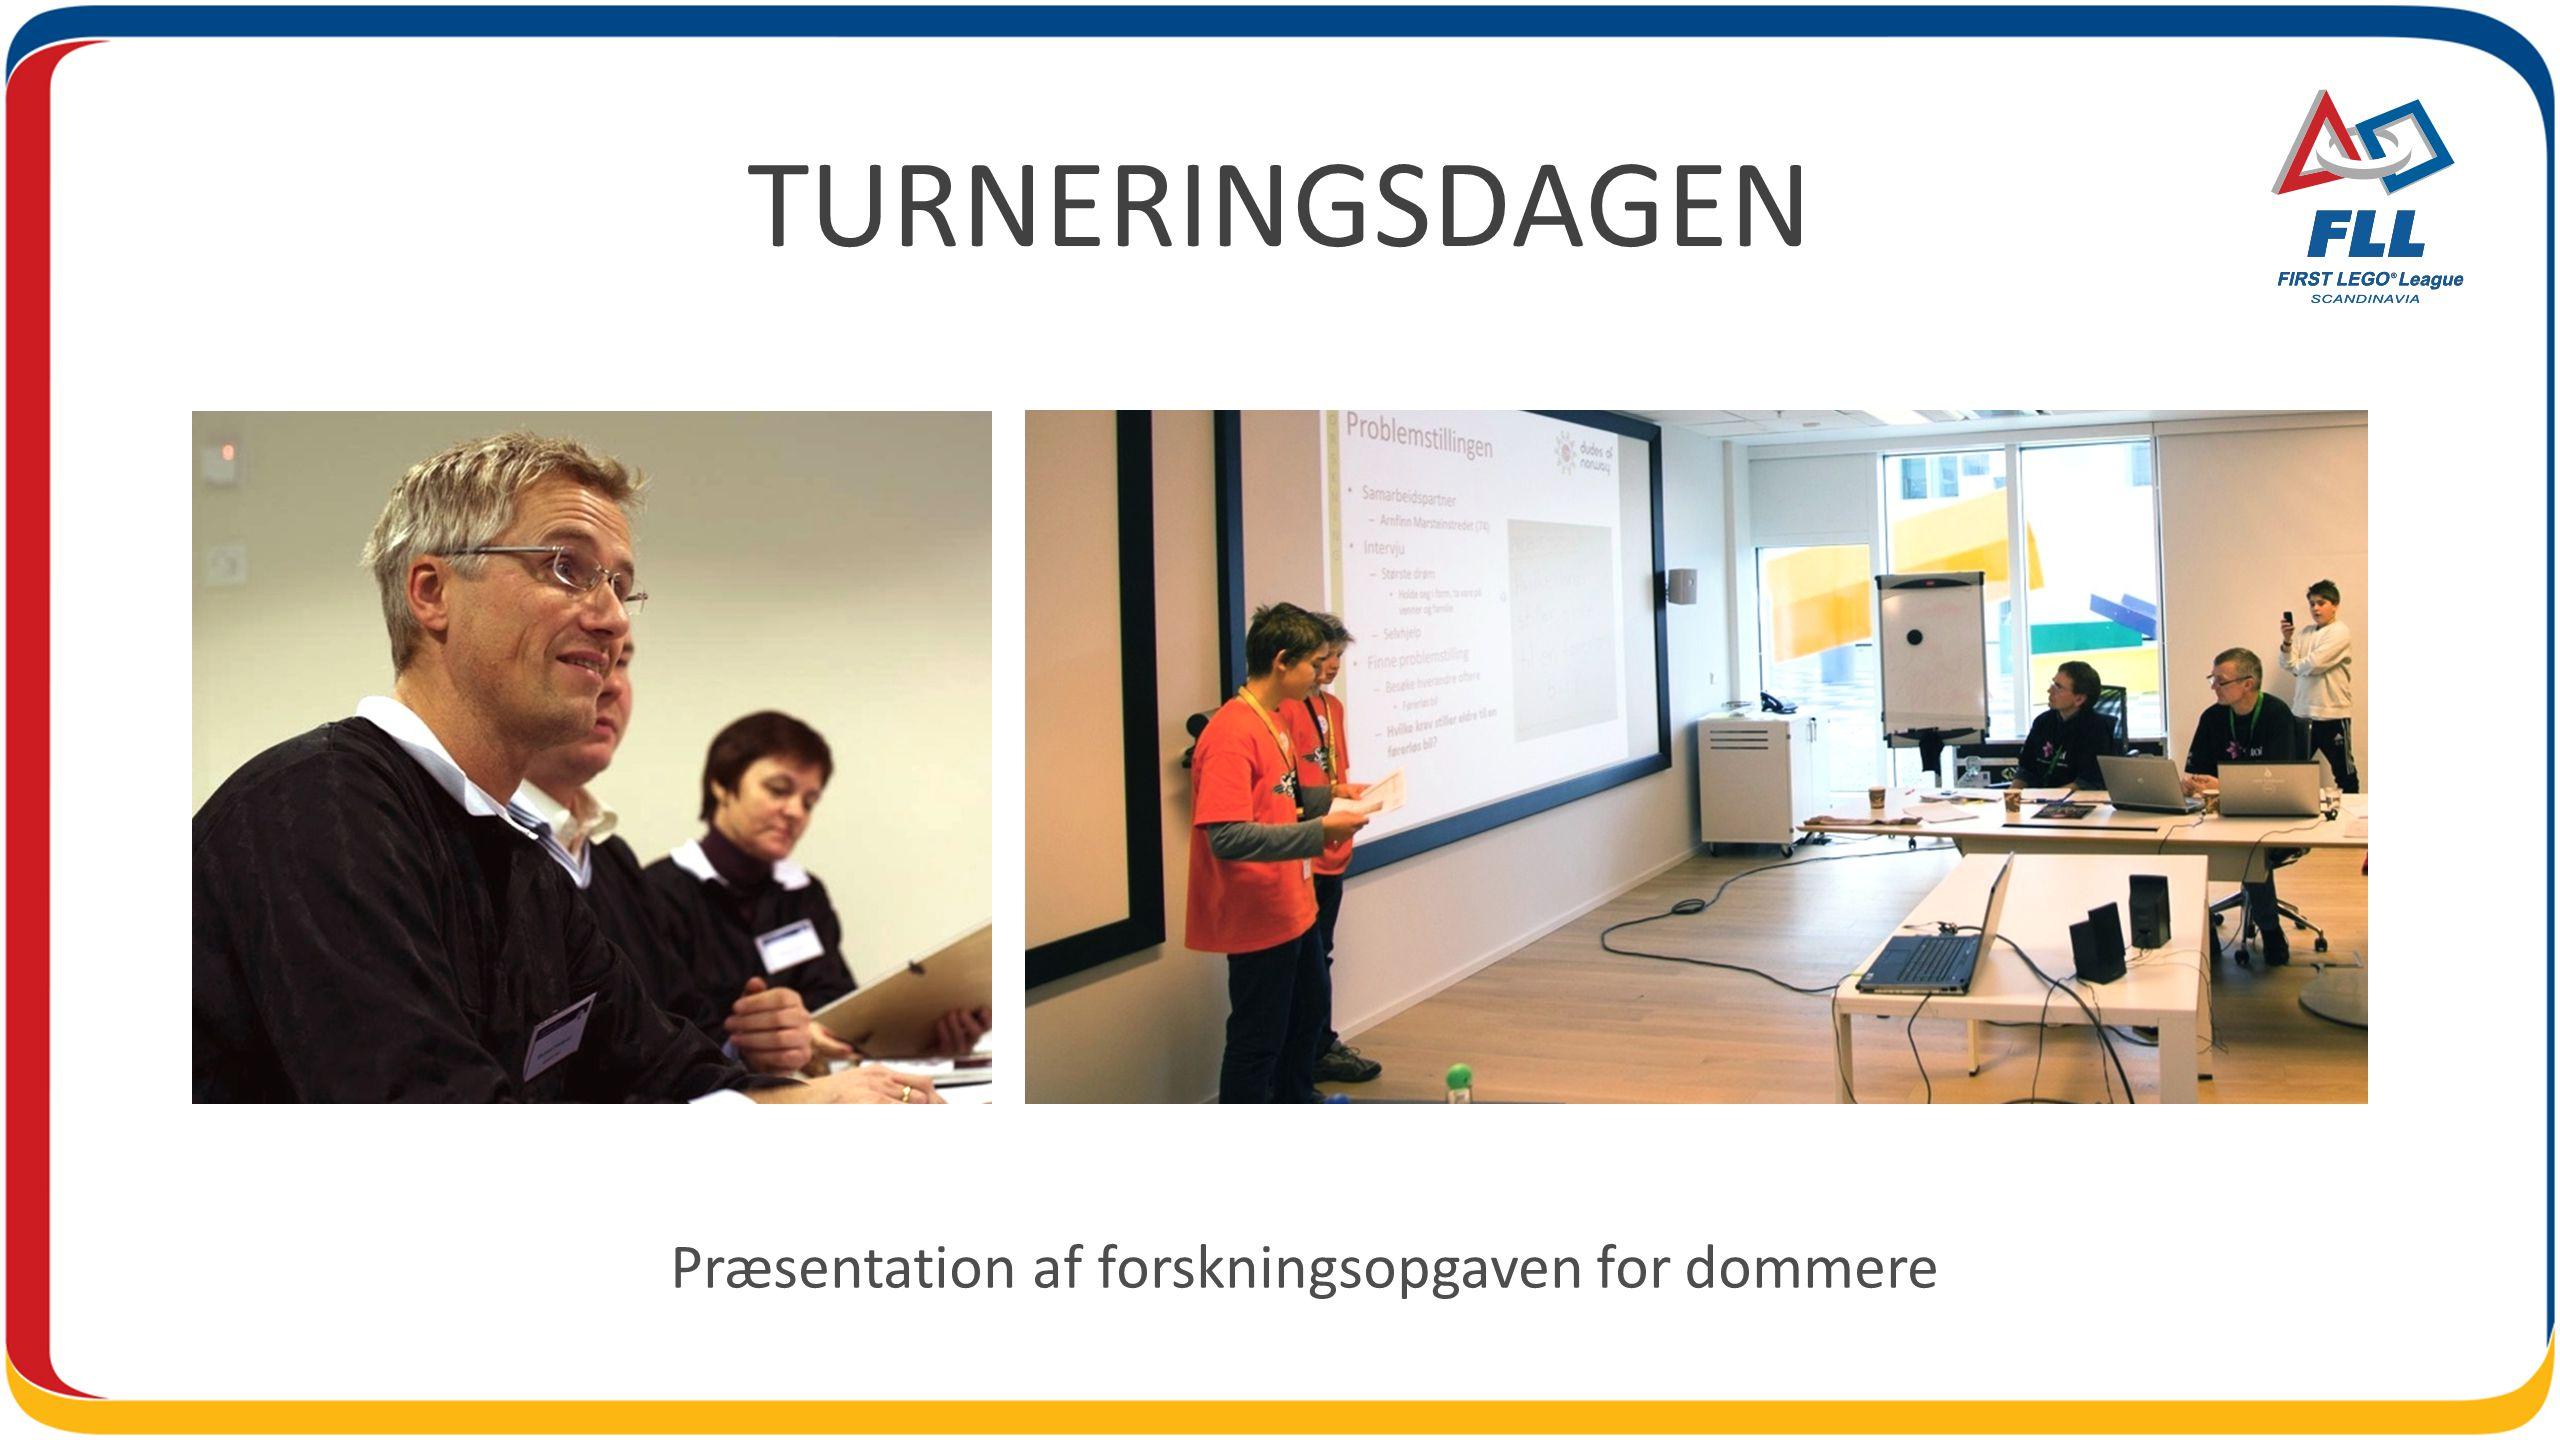 TURNERINGSDAGEN Præsentation af forskningsopgaven for dommere